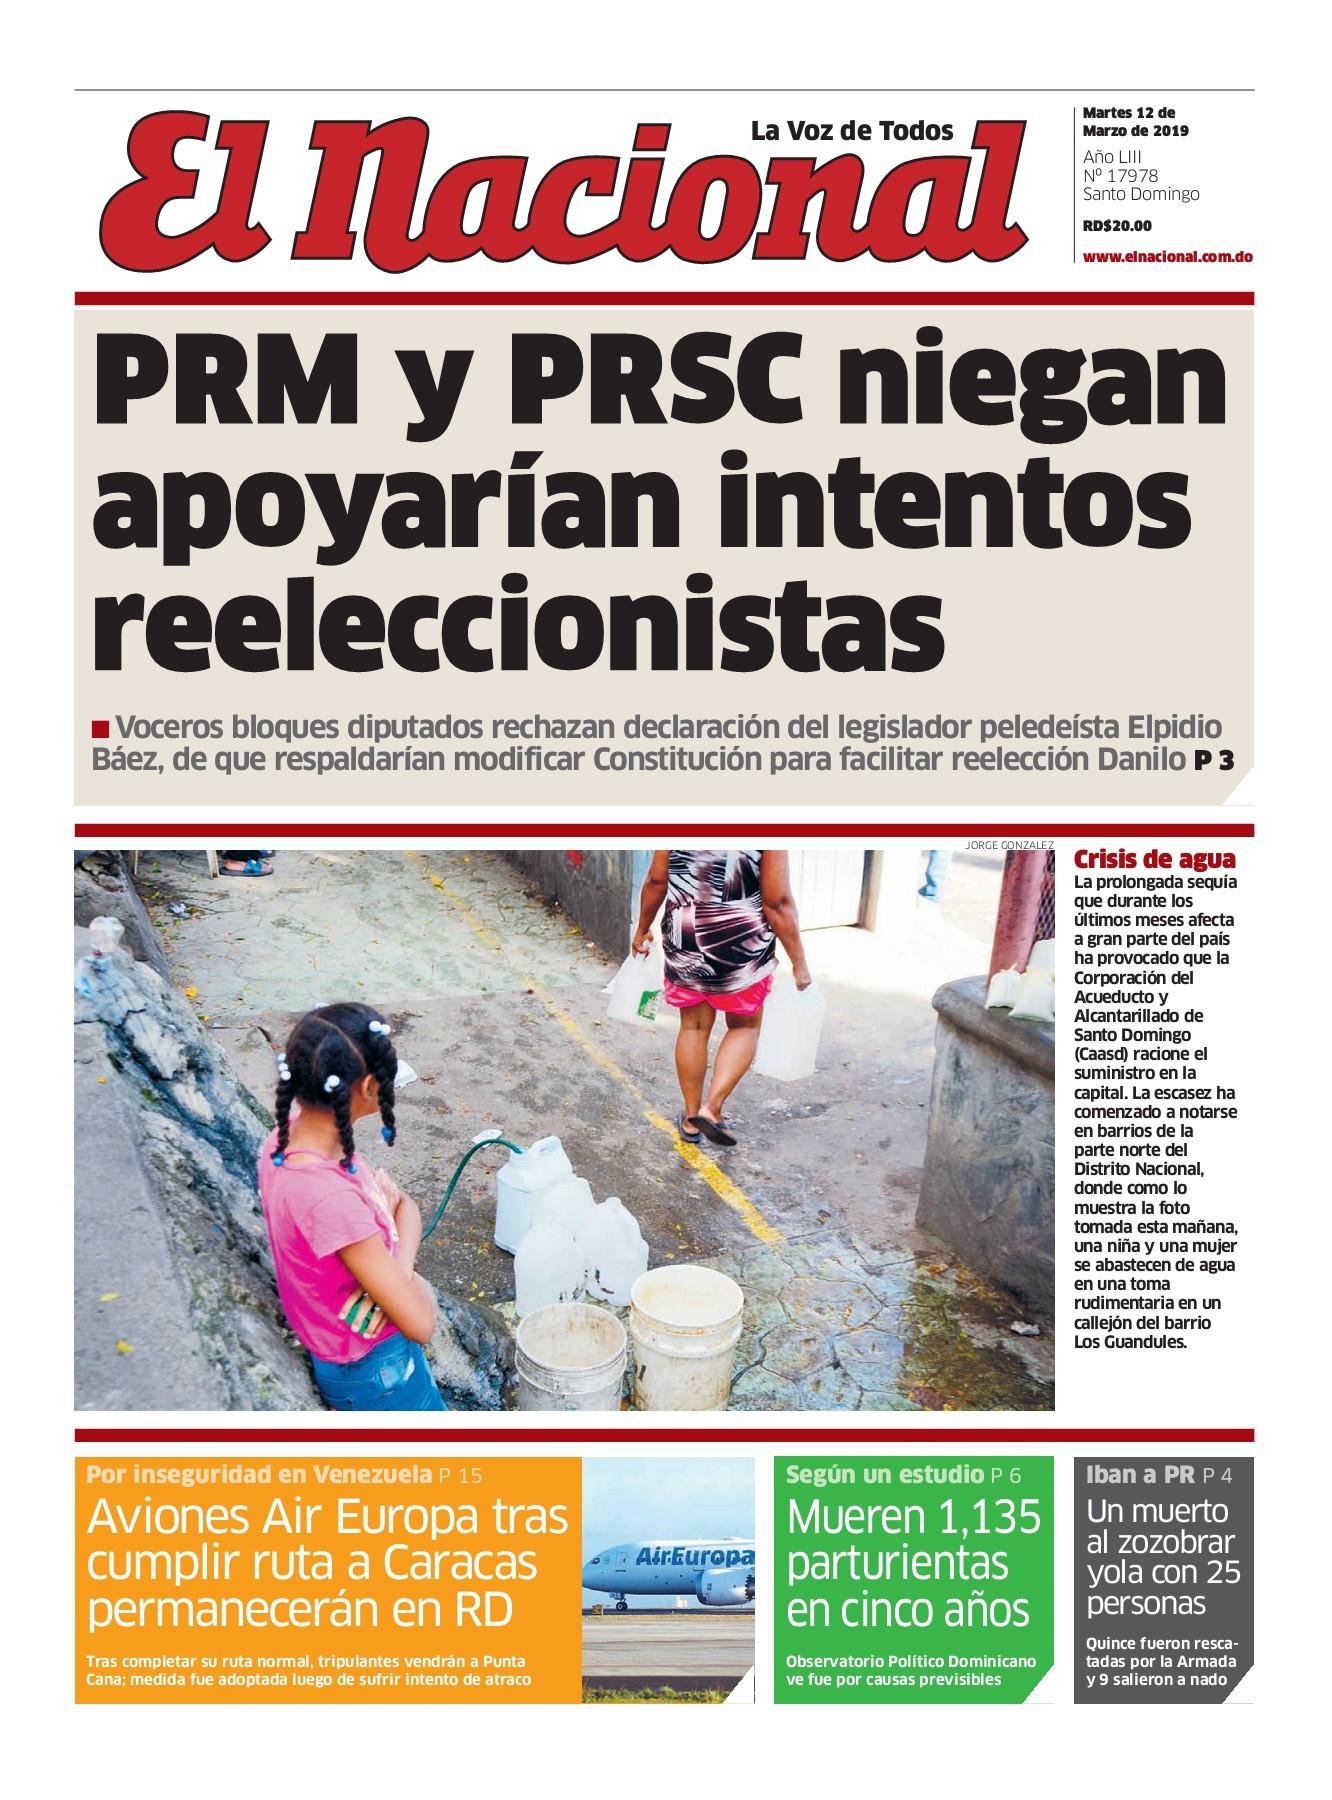 Portada Periódico El Nacional, Martes 12 de Marzo 2019